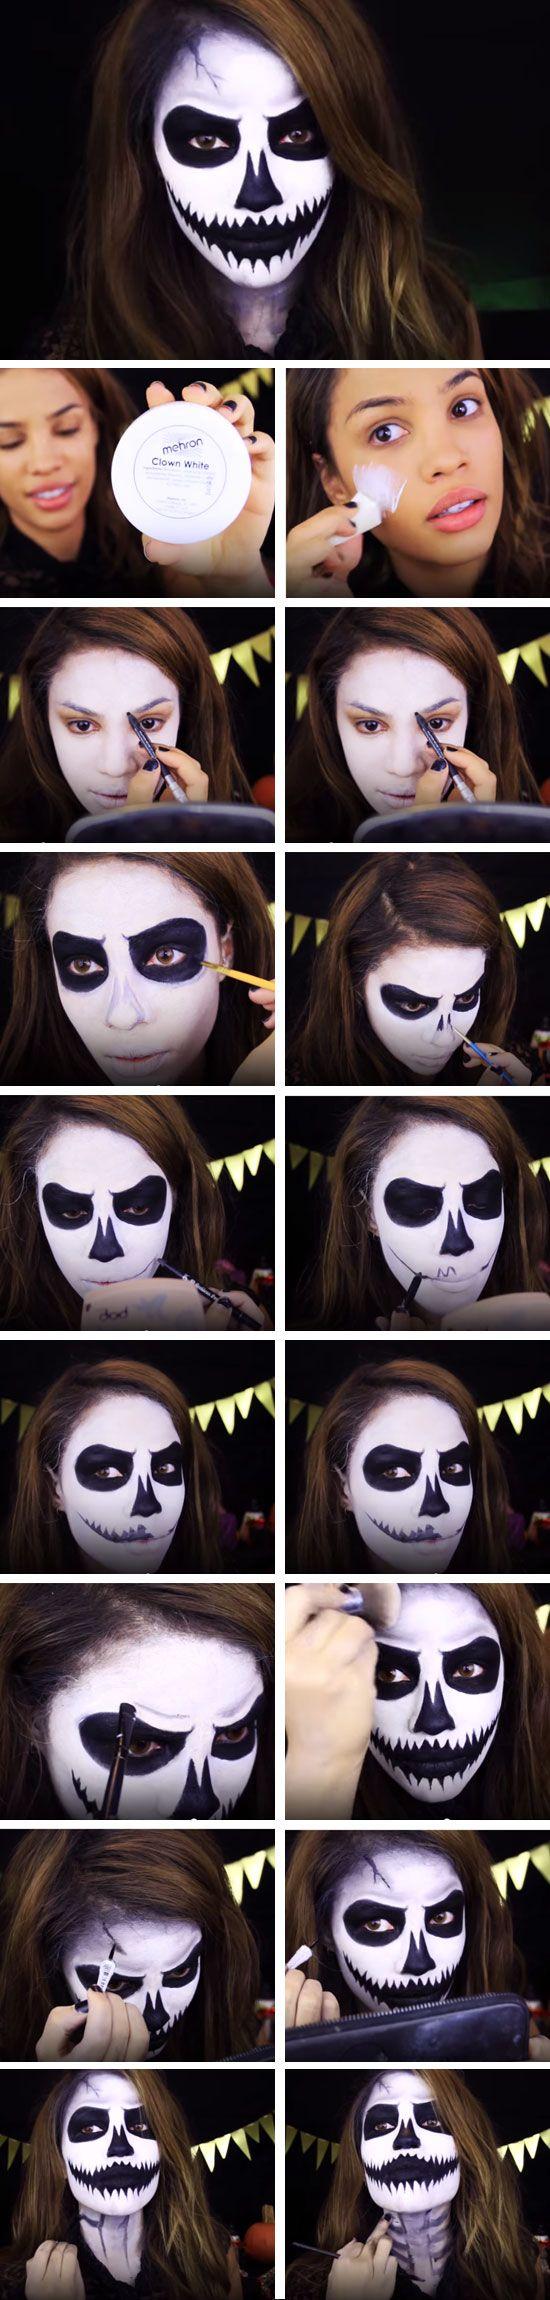 2. Scary Skeleton